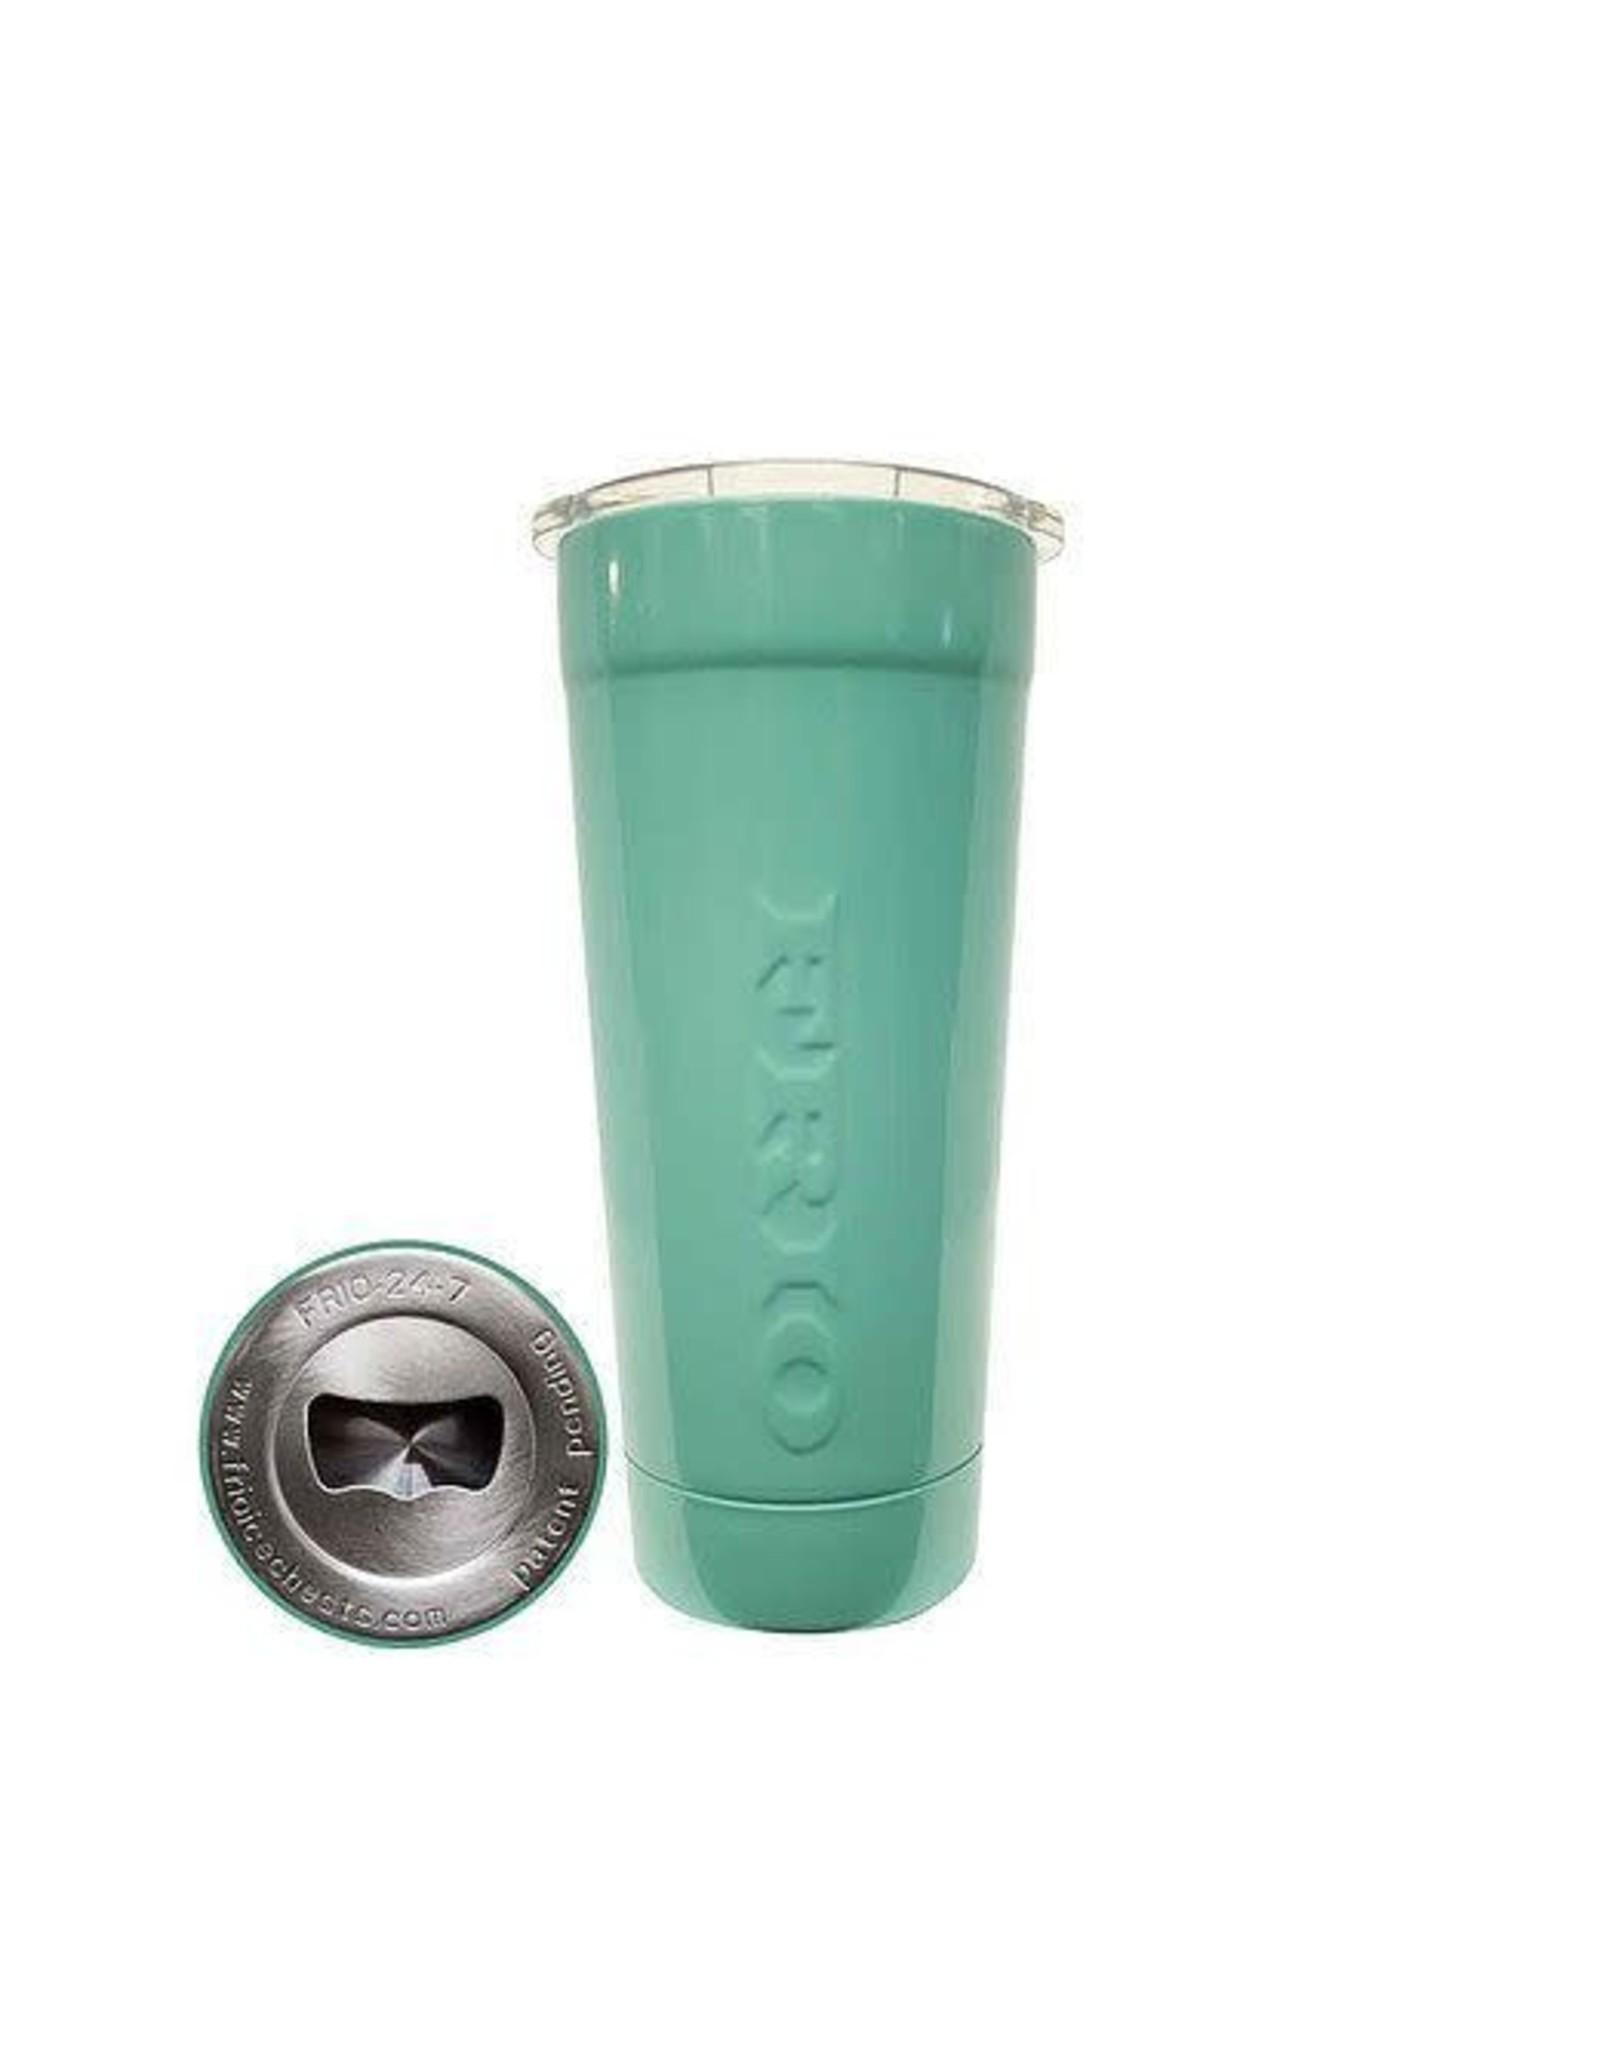 Frio Ice Chests Frio Ice Chests Frio 24-7 Cup w/ Powder Coat- Seafoam